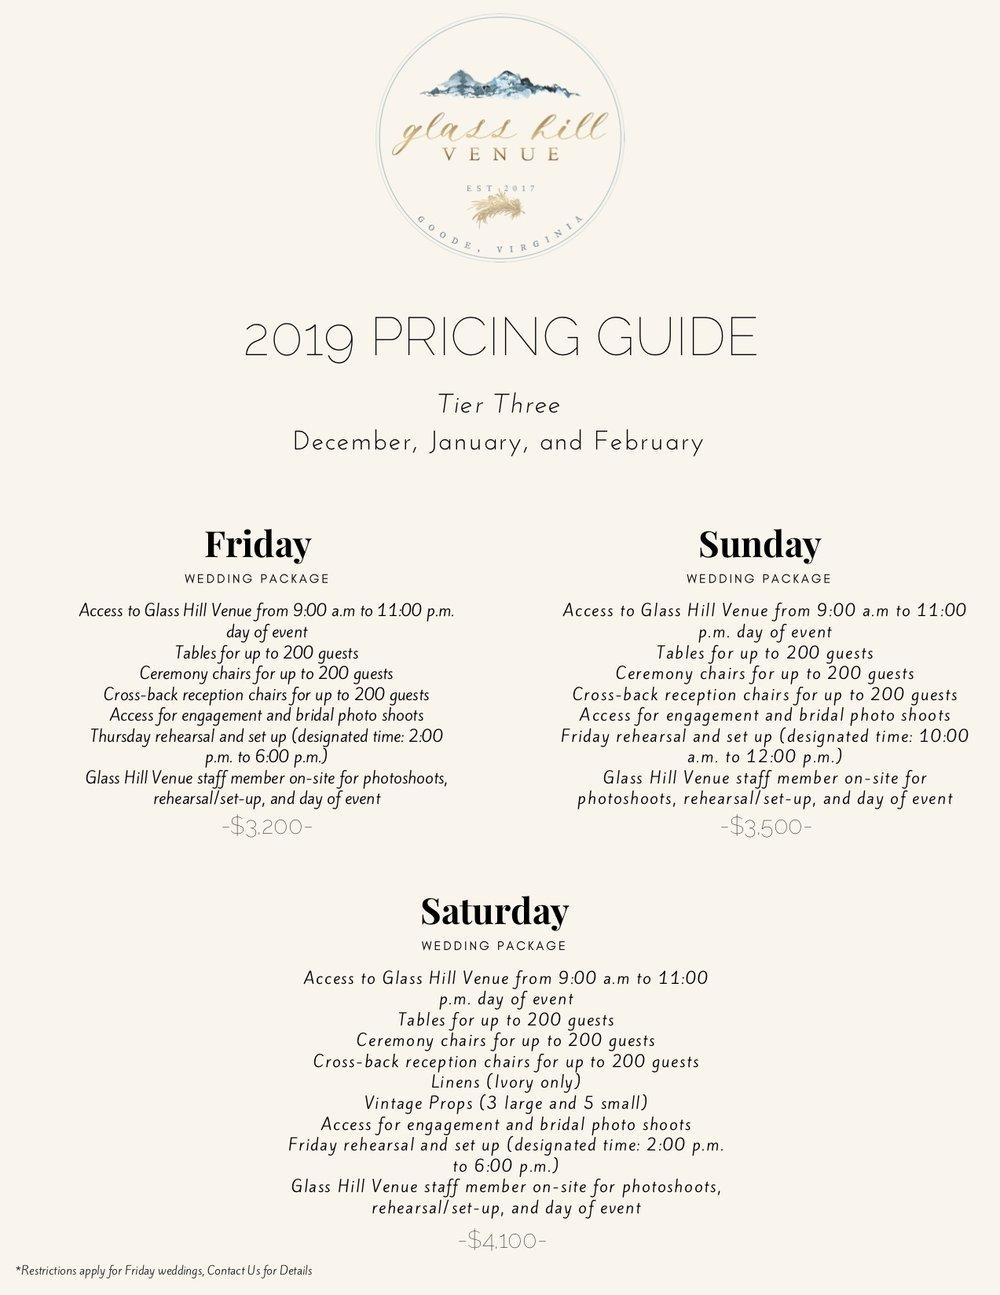 Glass Hill Venue 2019 Price Guide 2.jpg